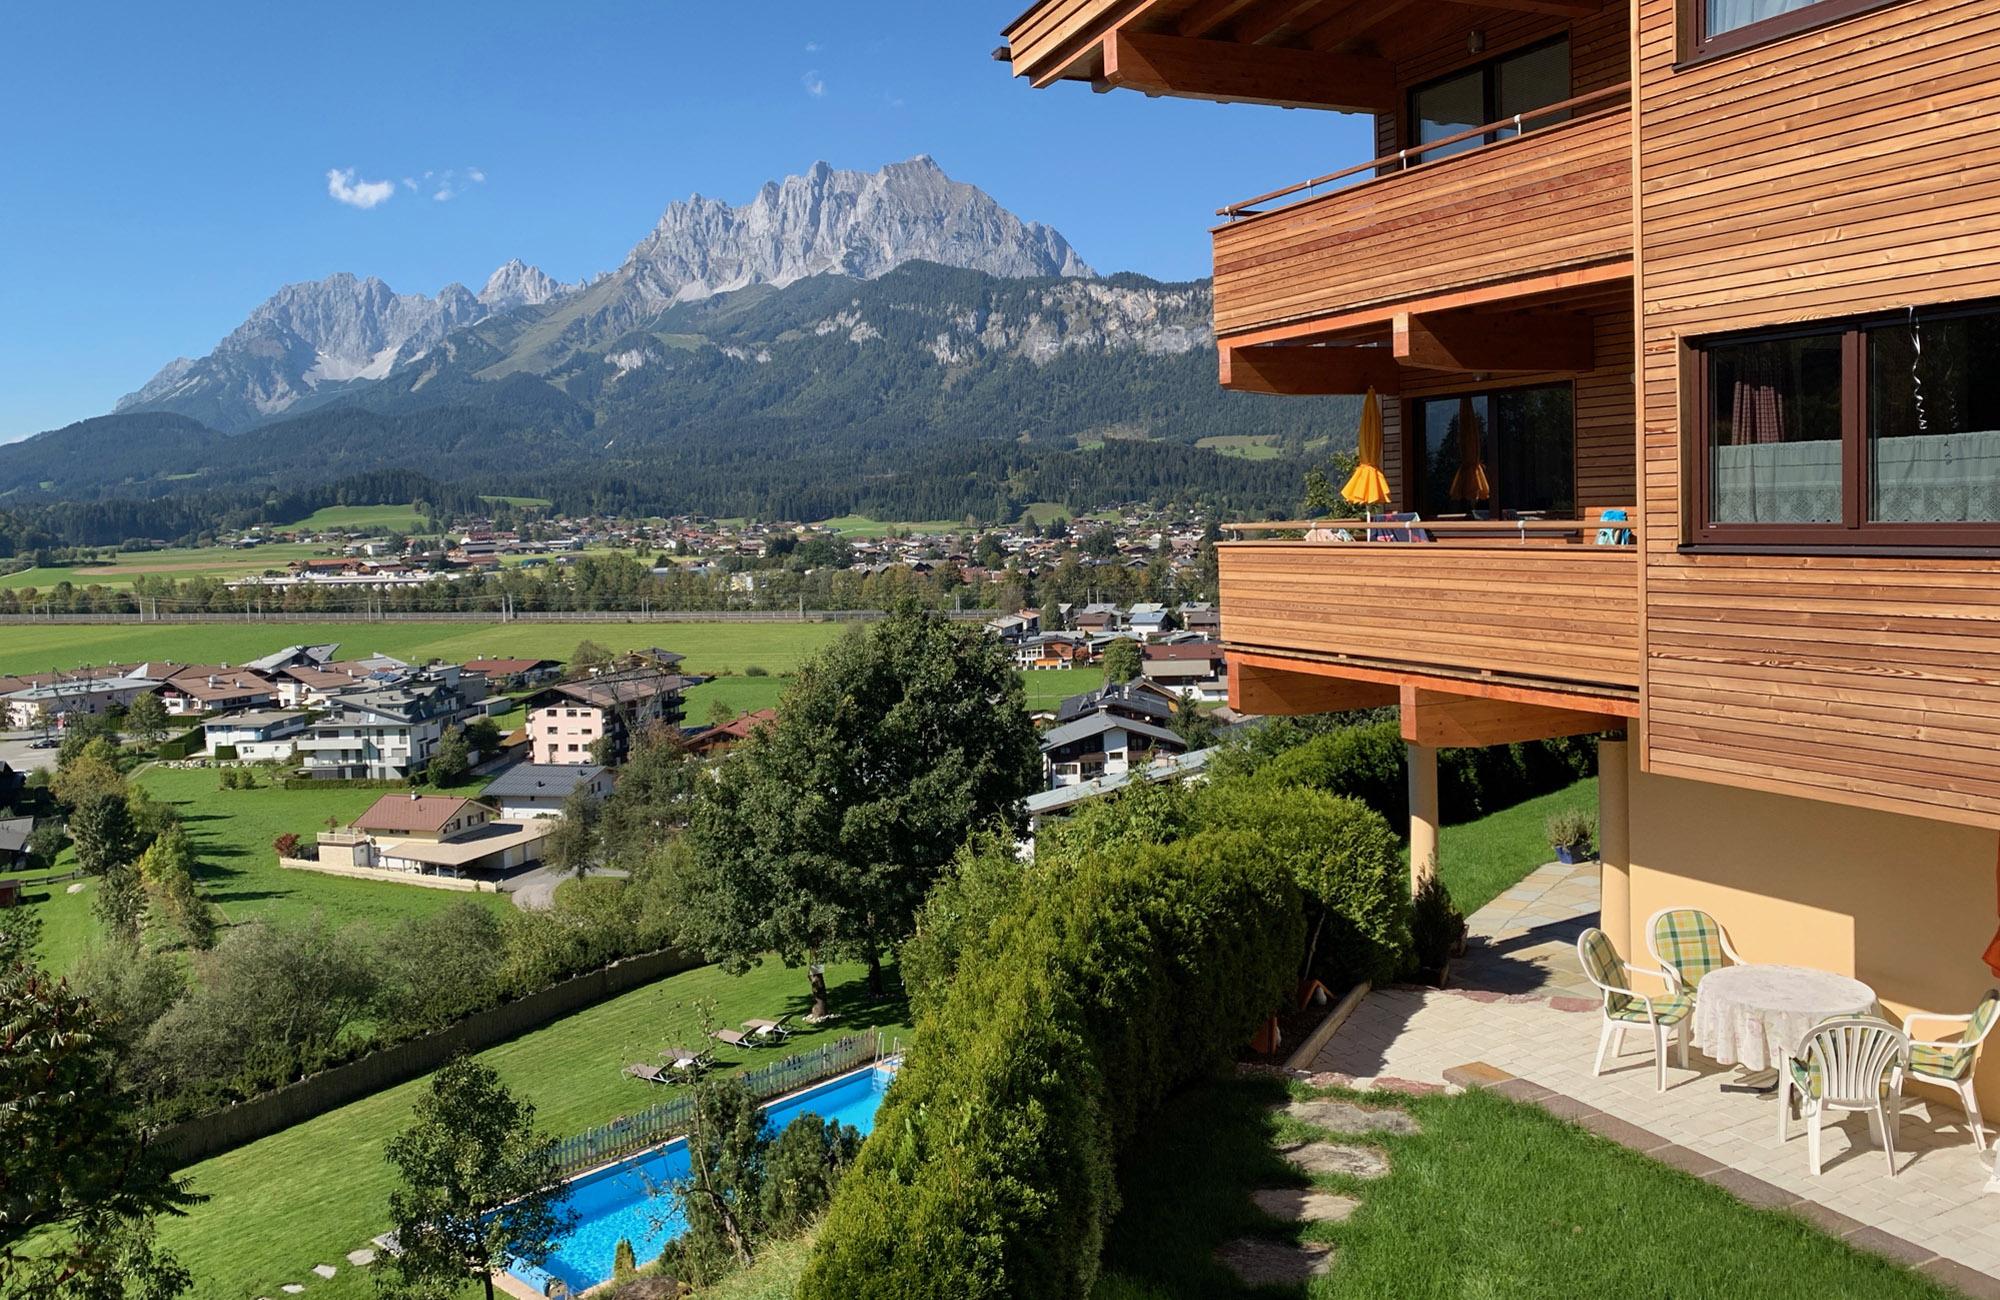 Preiswerte Ferienwohnungen in St. Johann in Tirol mit Ausblick zum Wilder Kaiser und Süd Balkon 4